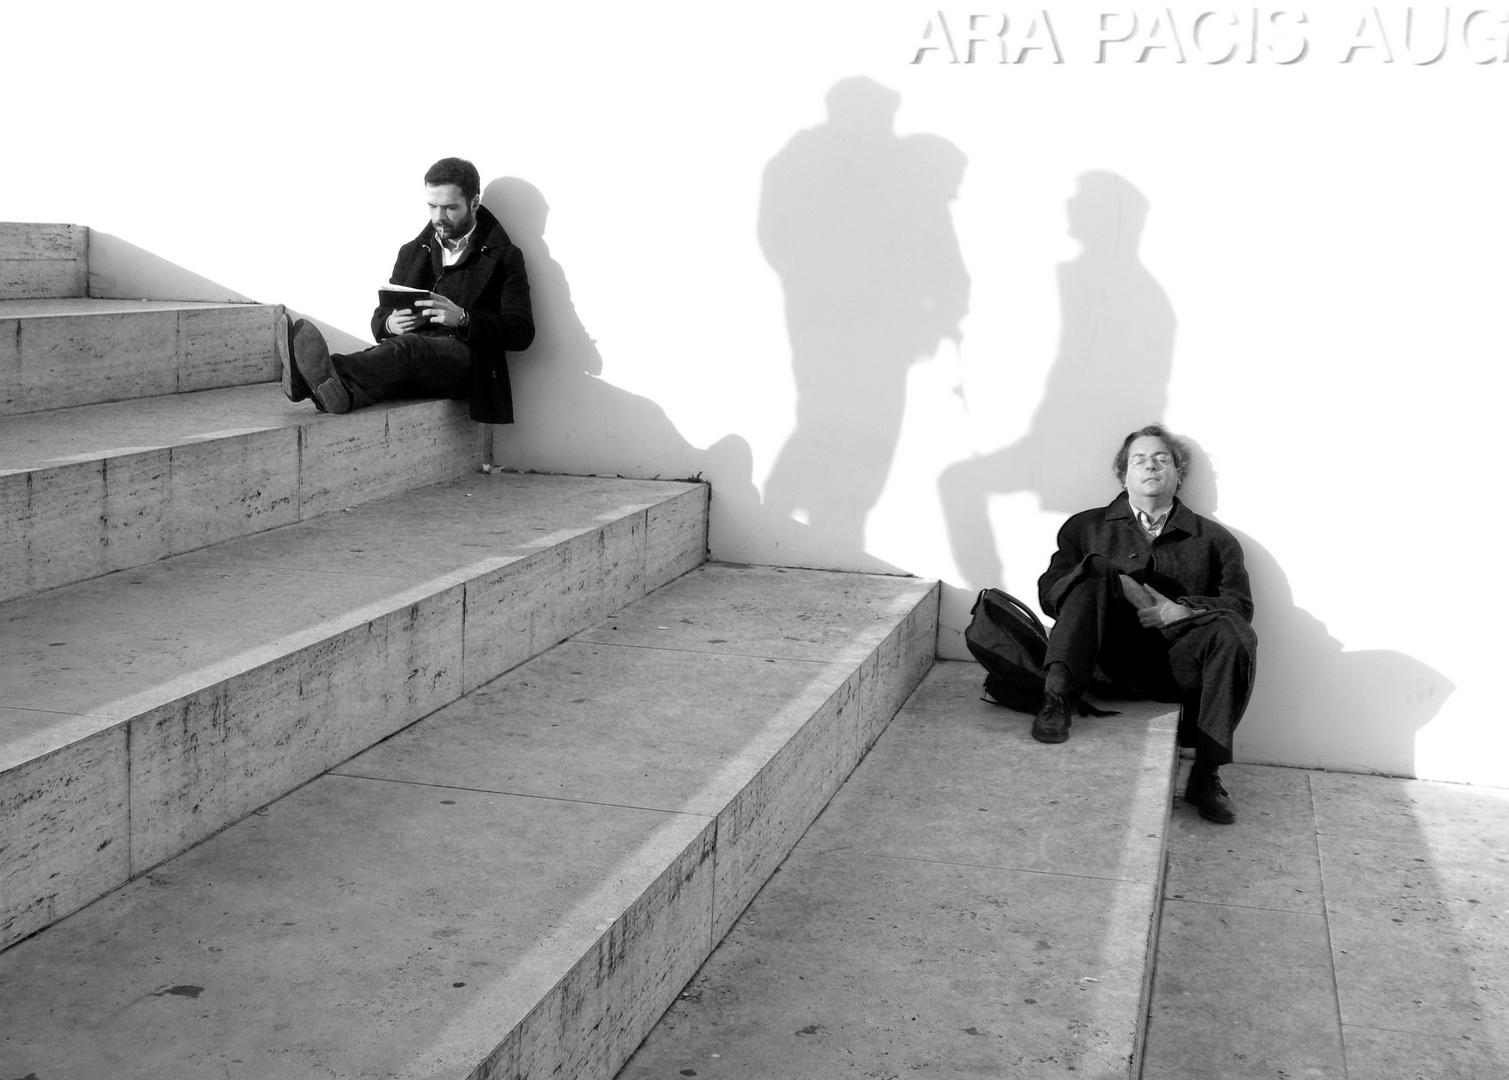 Pace Bianco E Nero gente in pace e ombre che conversano foto % immagini